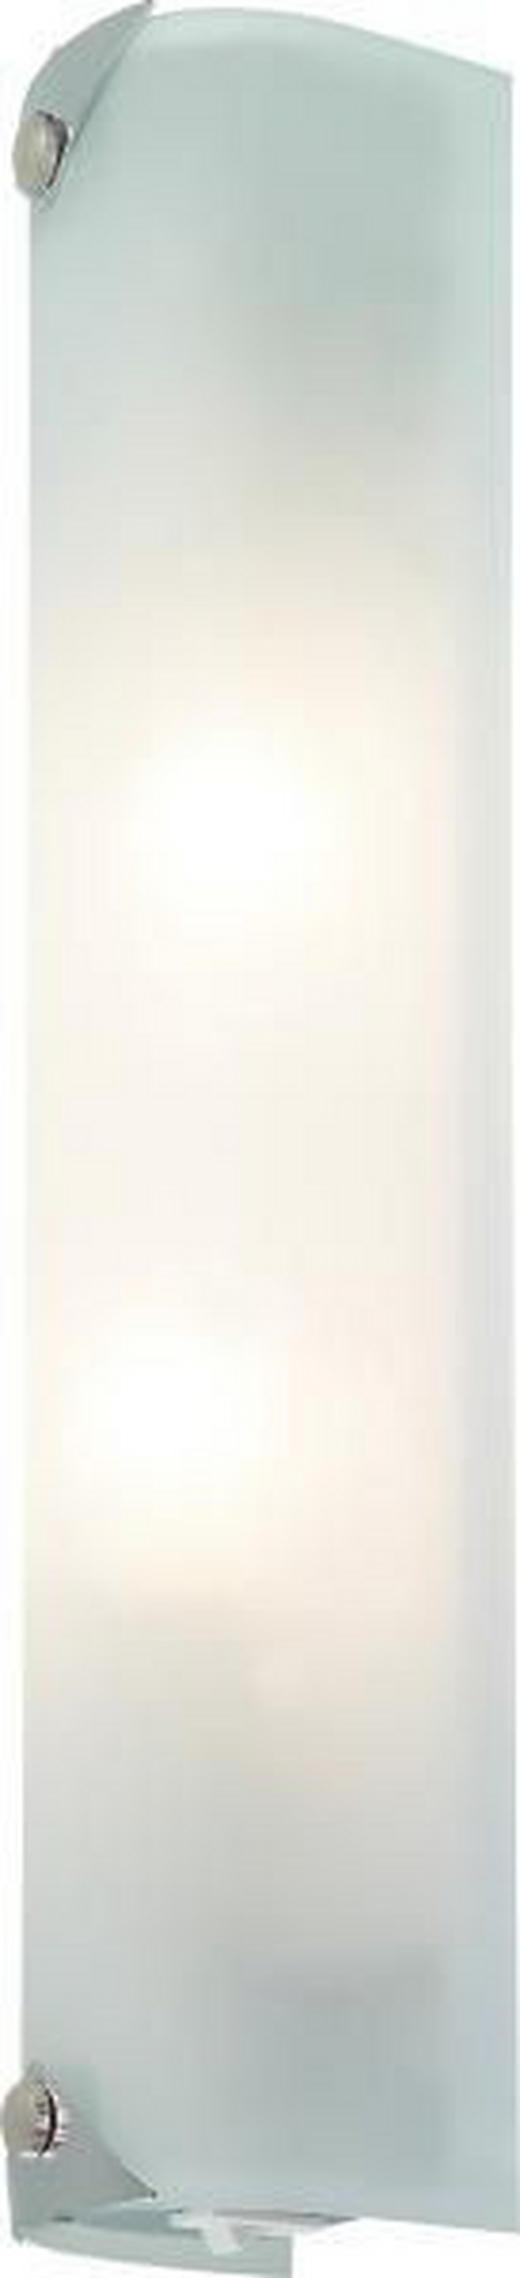 BADEZIMMER-WANDLEUCHTE - Chromfarben/Weiß, KONVENTIONELL, Metall (35cm)